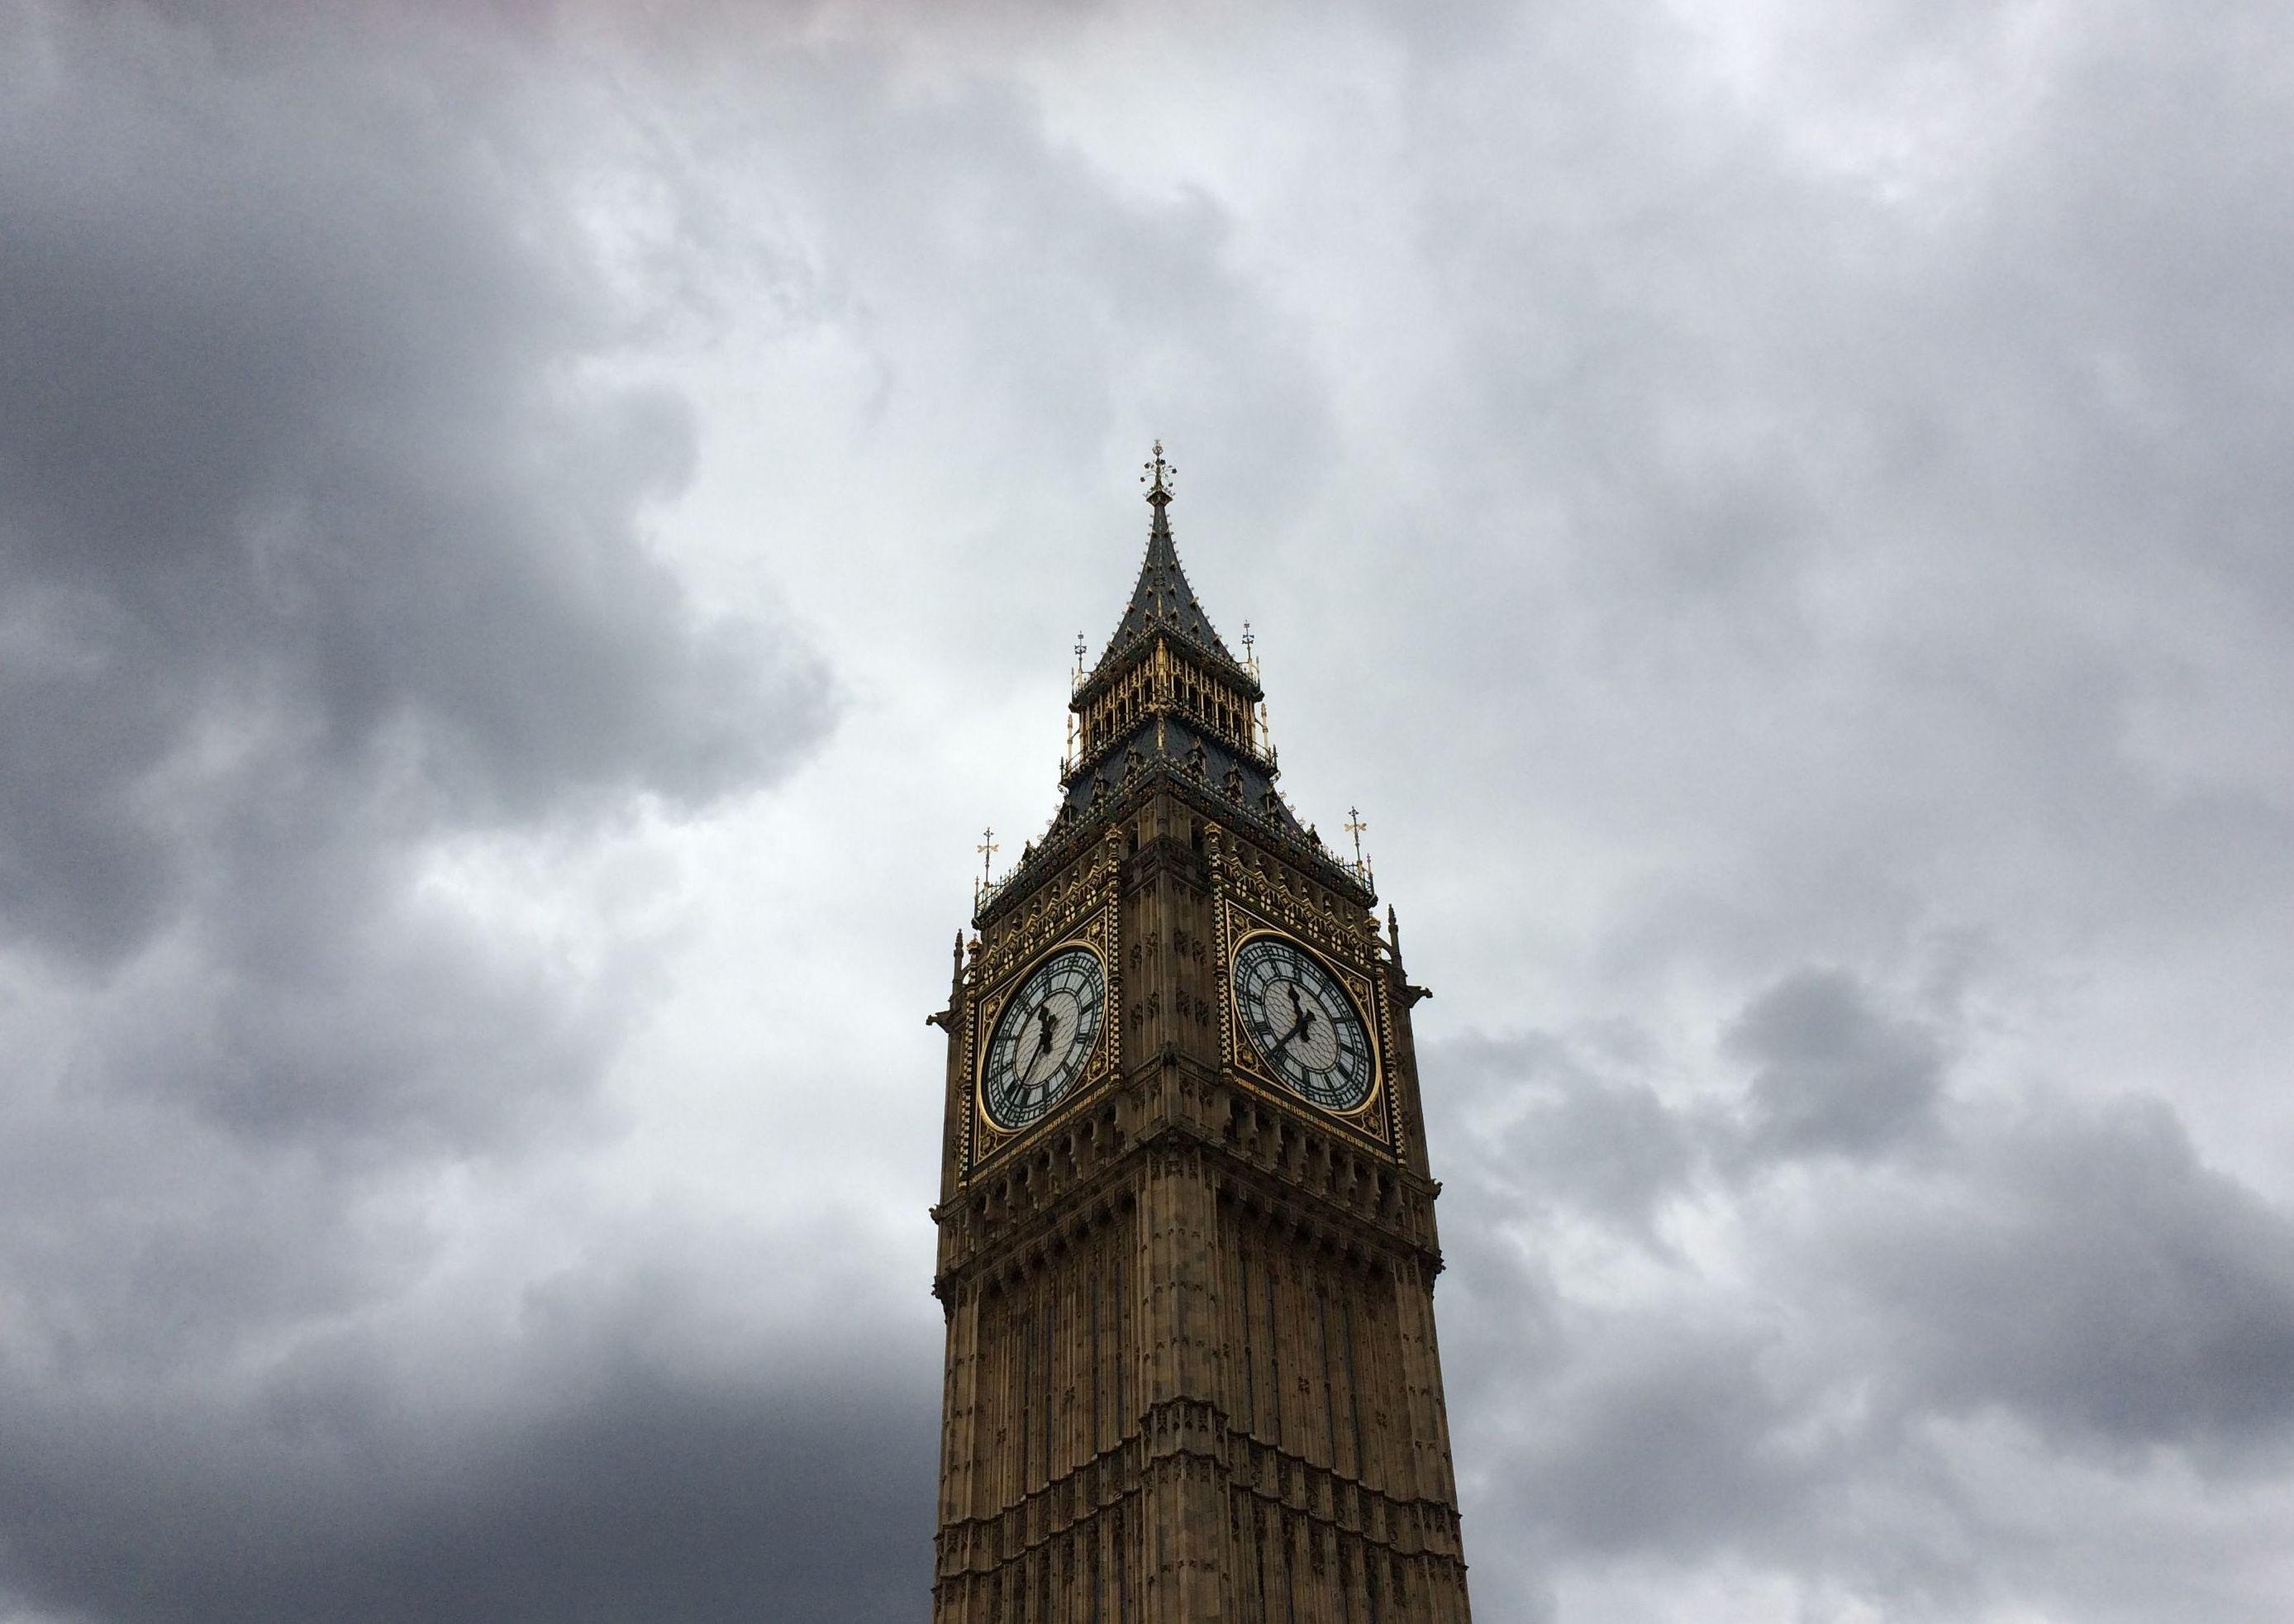 Elizabeth Tower under white clouds